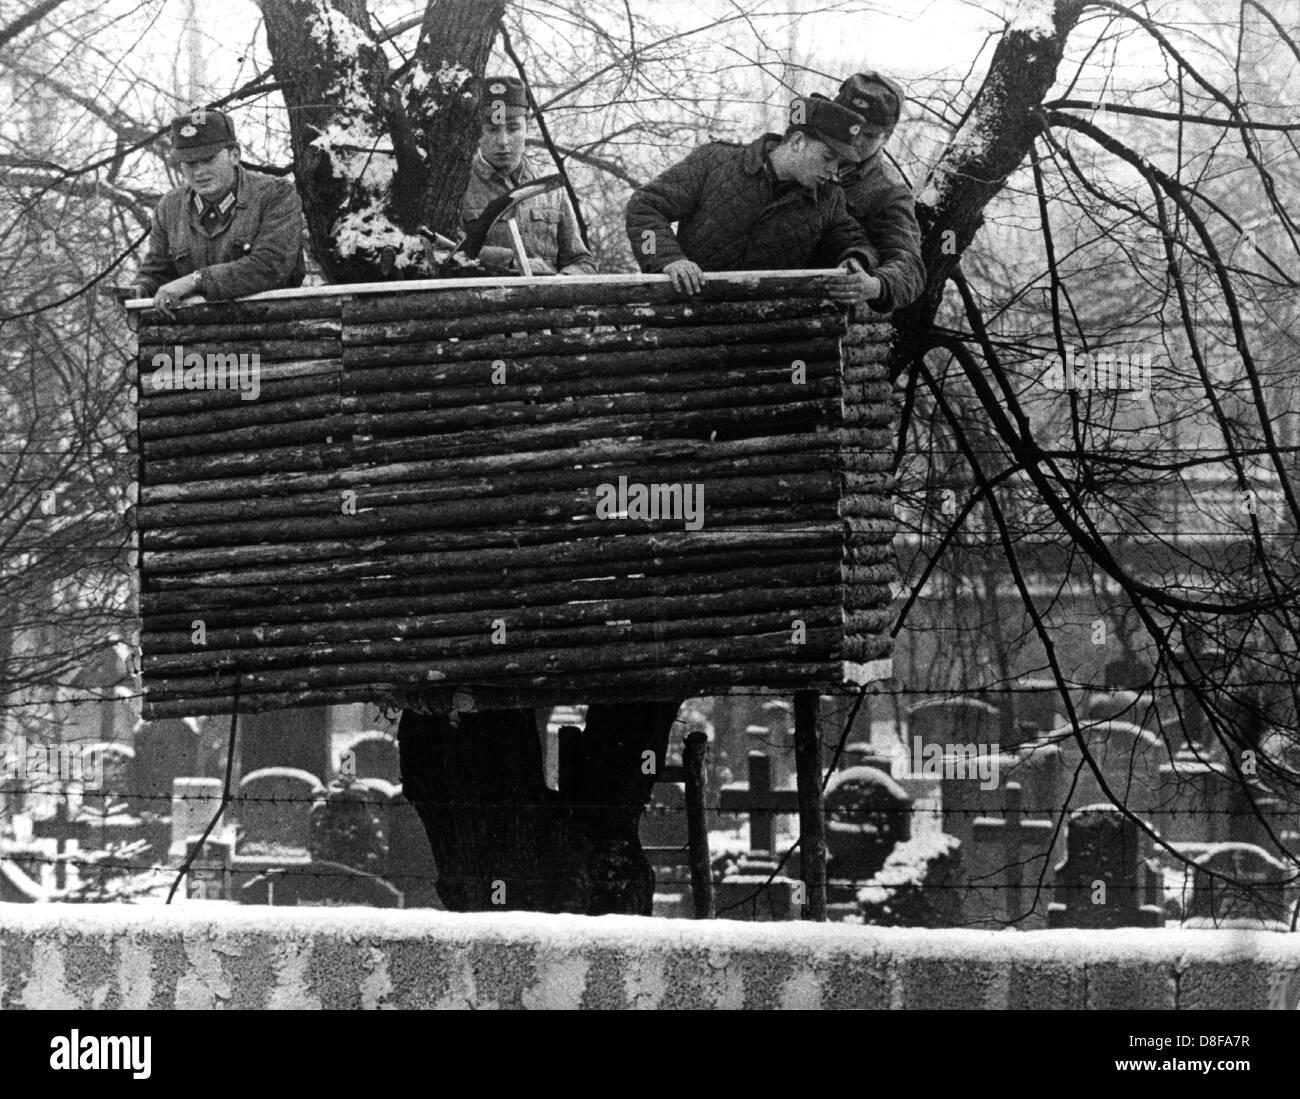 Auf dem Friedhof der St. Hedwigs-Domgemeinde in der Liesenstraße an der Grenze zum Westberliner Bezirk Wedding sind Volkspolizisten dabei, in einem Baum zwischen den Gräbern hinter der vier Meter hohen Sperrmauer einen Beobachtungsstand zu errichten. Aufgenommen 1961. Stock Photo